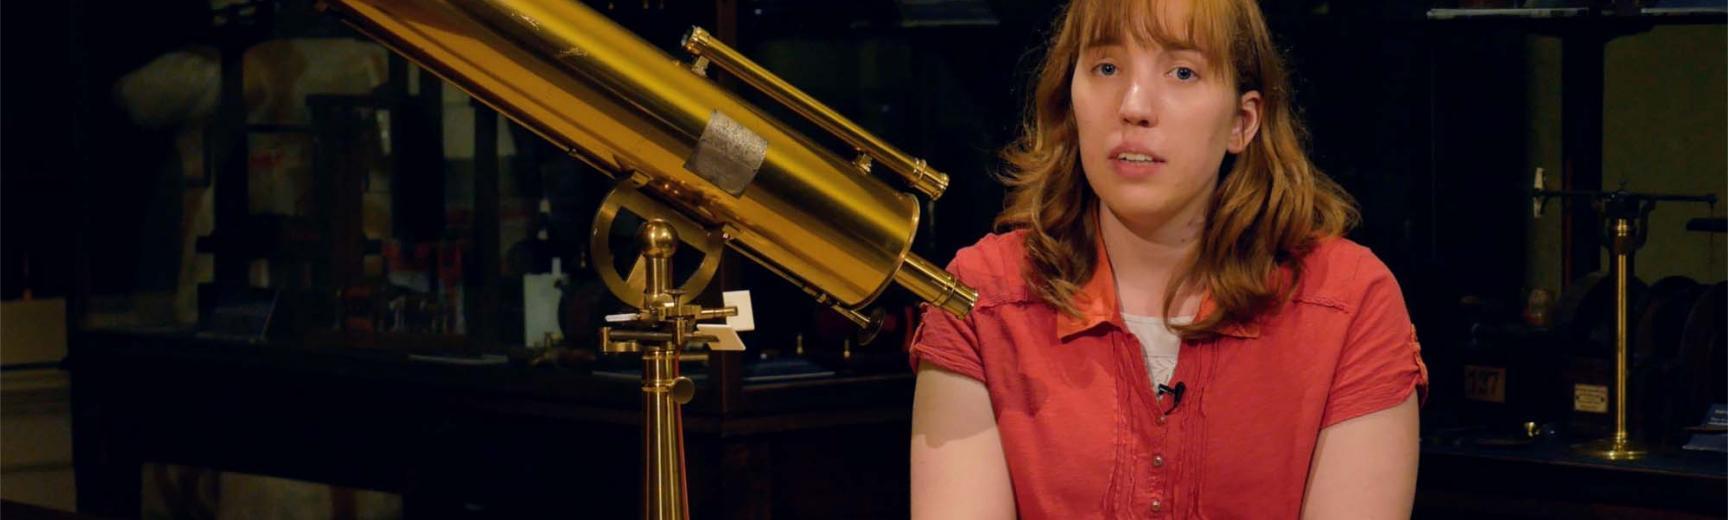 gregorian telescope